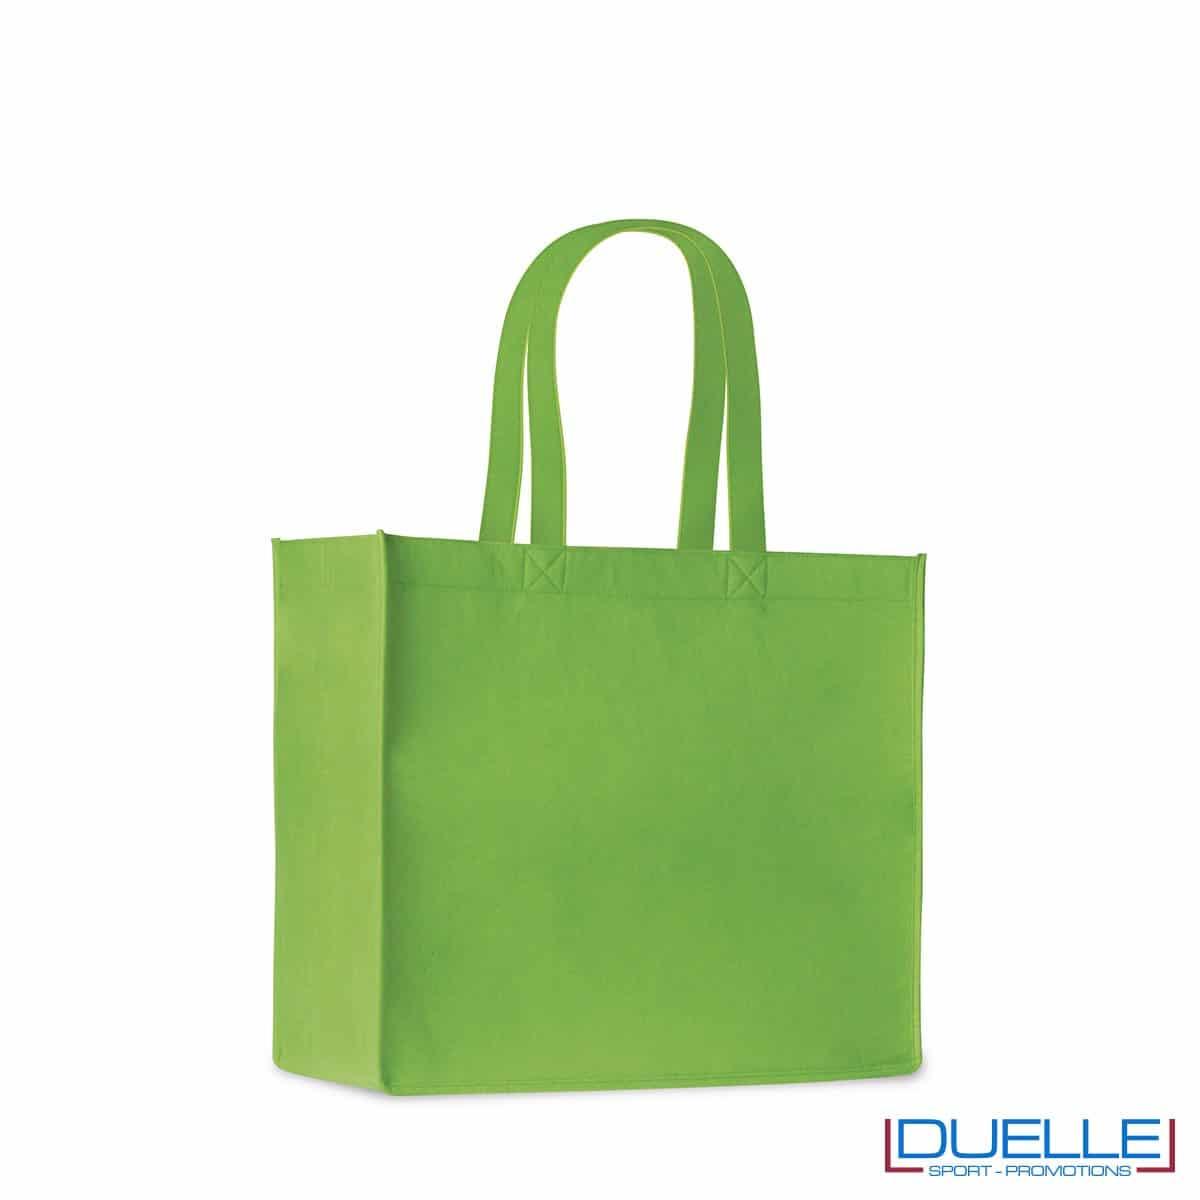 Shopper Personalizzate in feltro, Borse Economiche Personalizzate, Gadget Personalizzati, gadget Aziendali